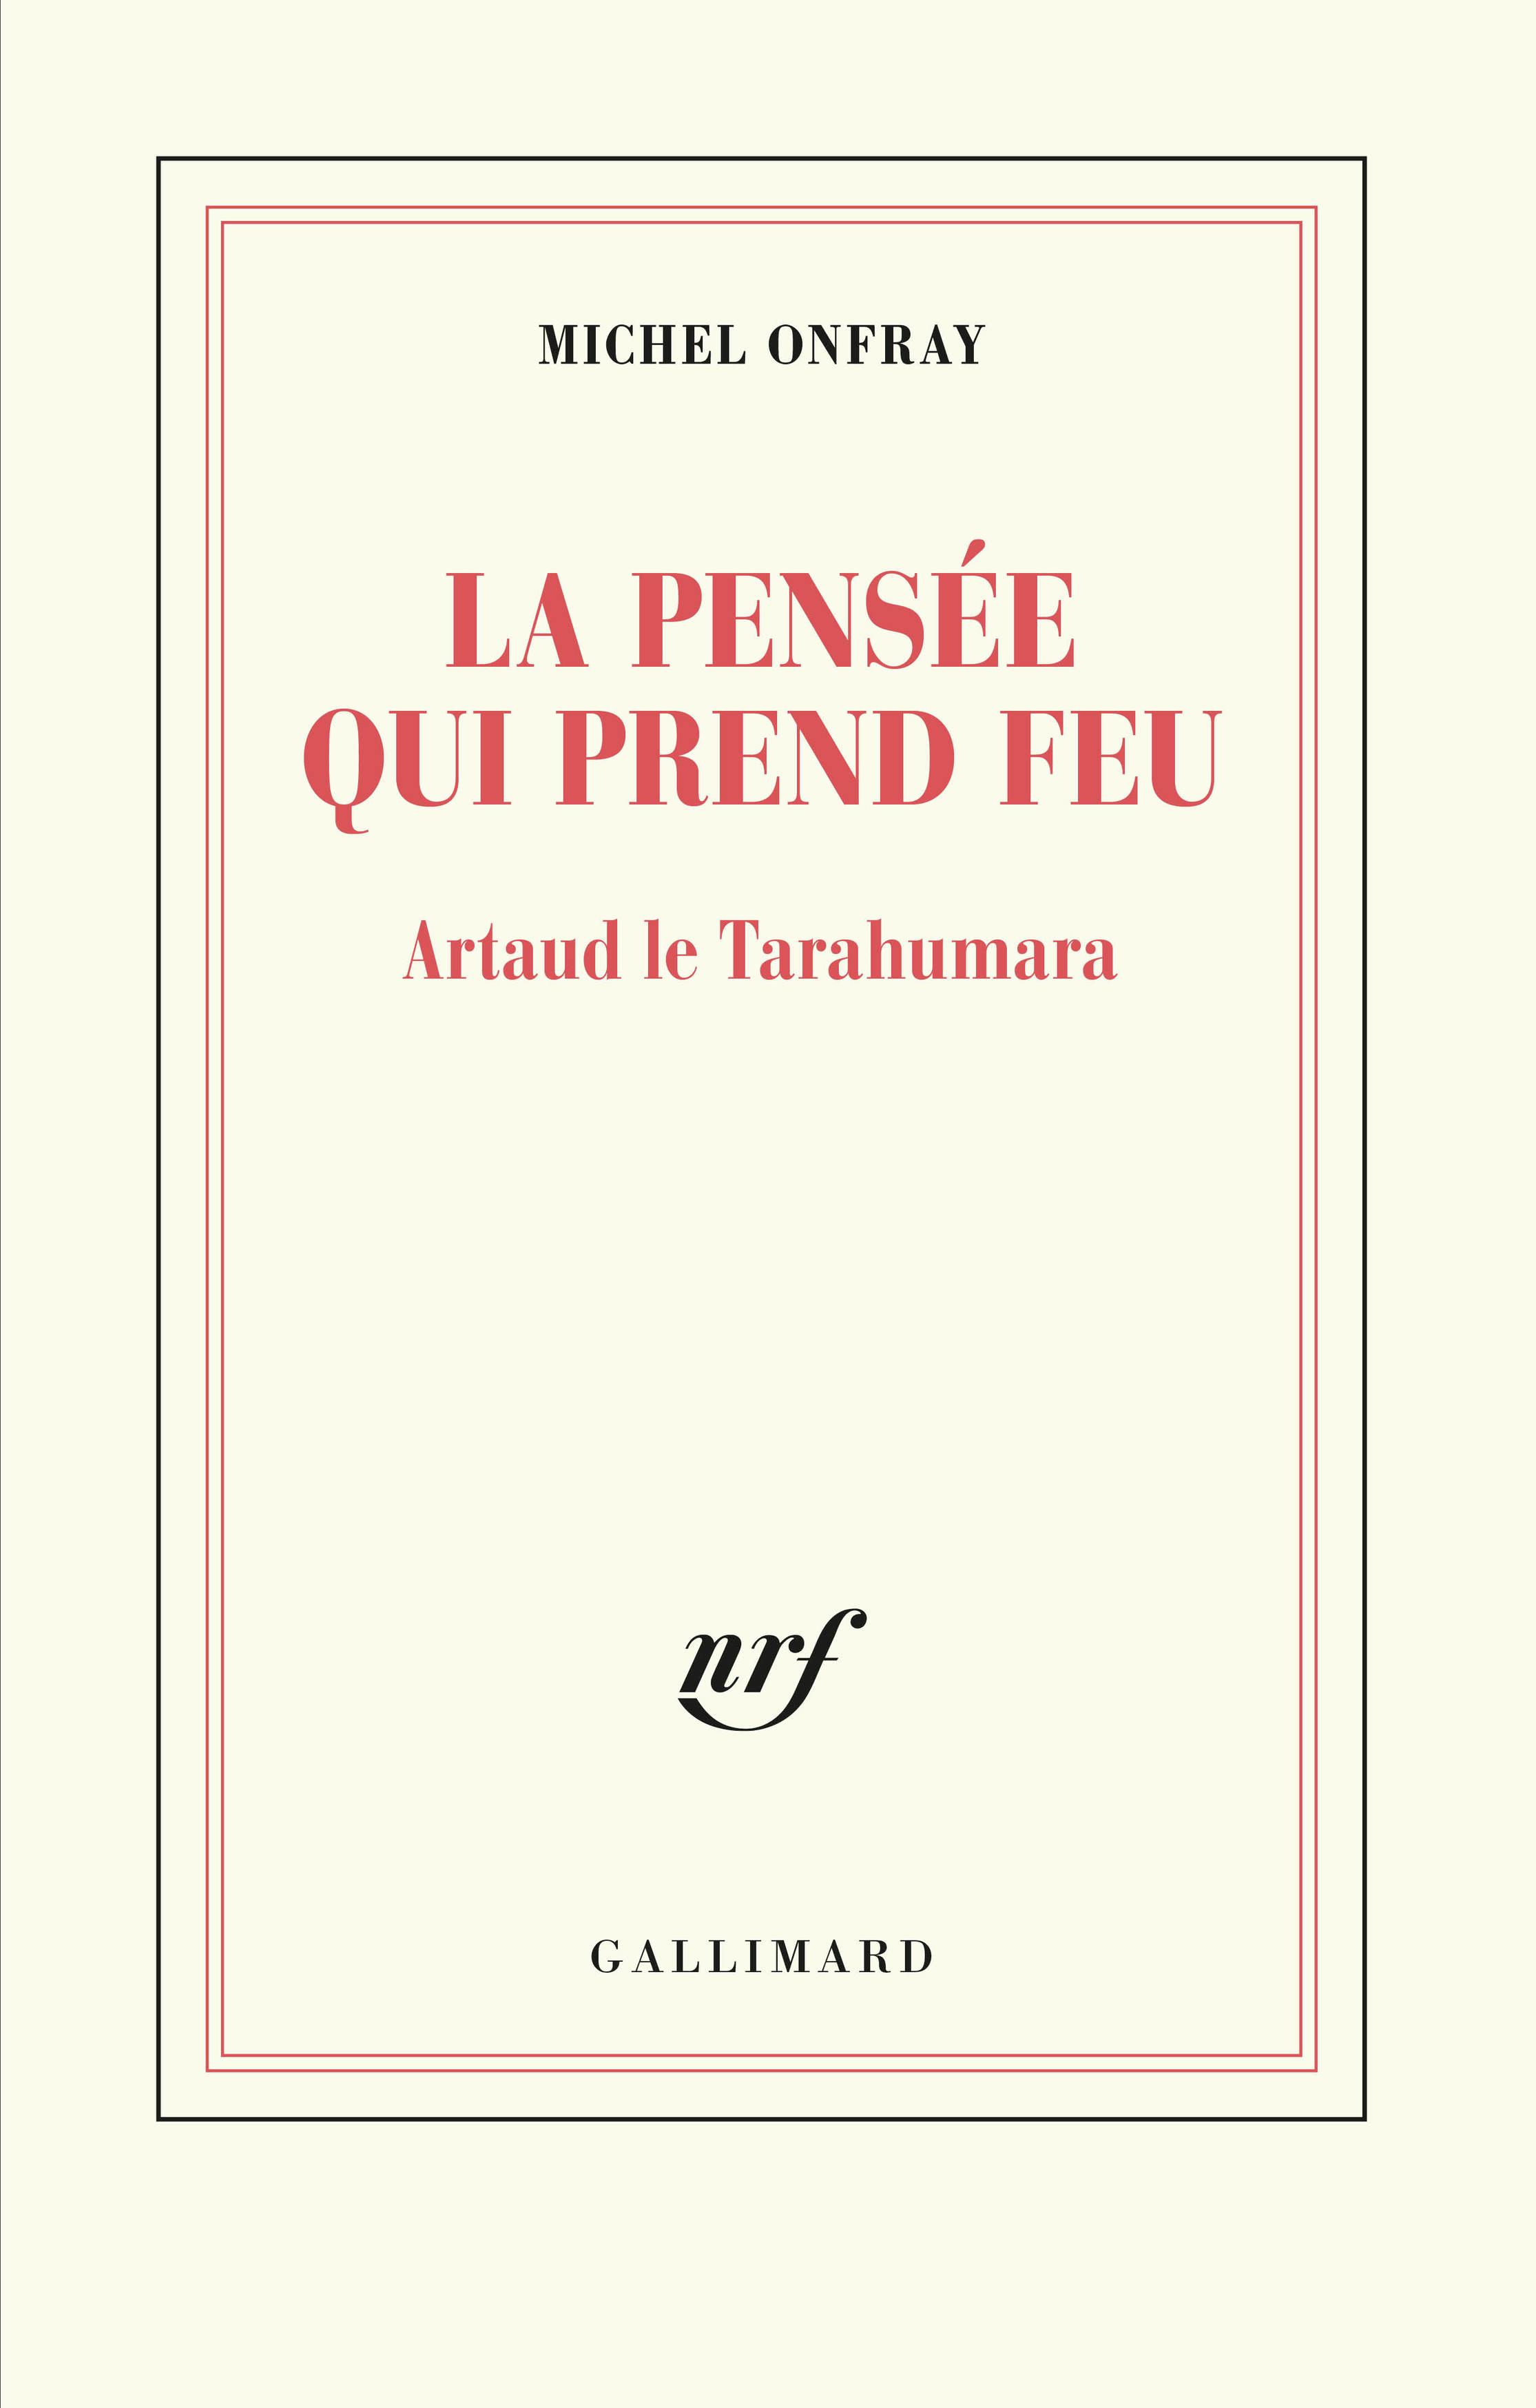 M. Onfray, La pensée qui prend feu. Artaud le Tarahumara